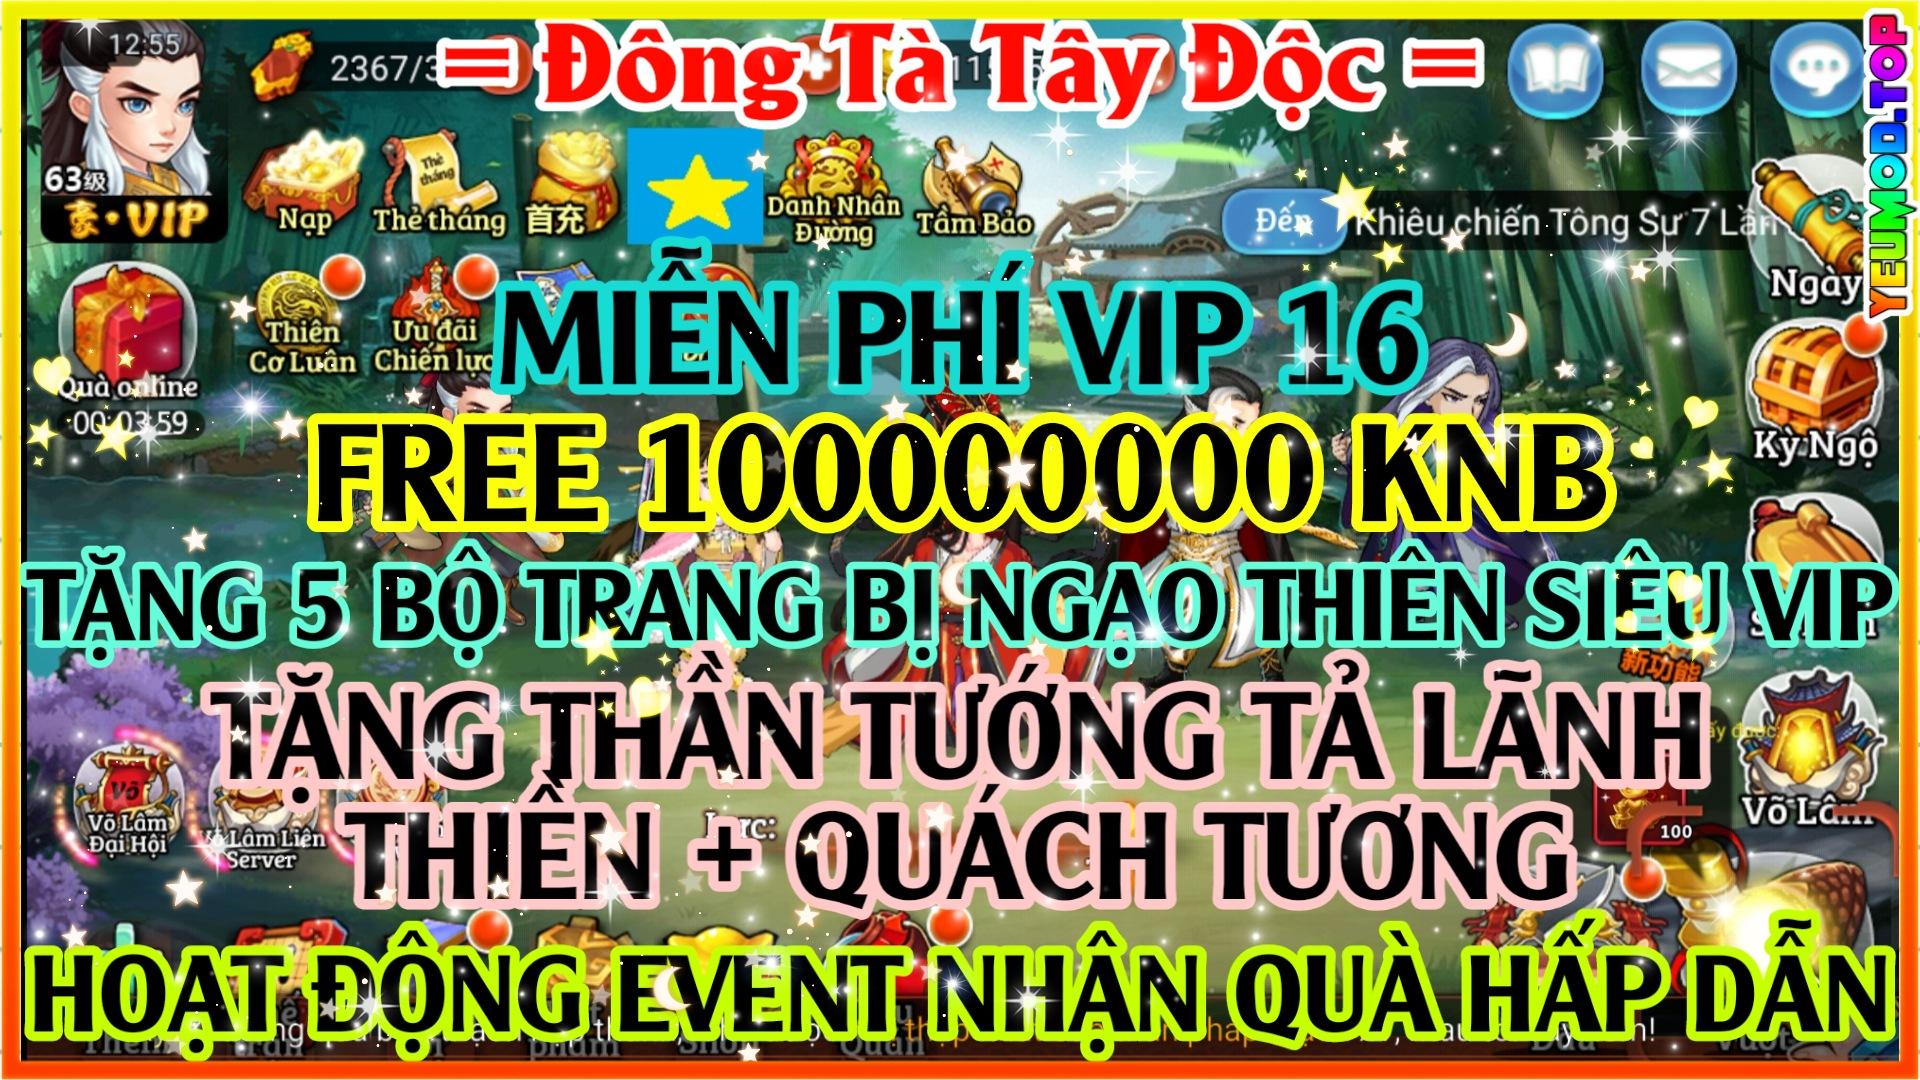 Đông Tà Tây Độc Private Việt Hóa | Free VIP 16 | 100000000 KNB | Tặng Thần Tướng Đỏ Siêu VIP | 10000 Thánh Lệnh | Hoạt Động Event Nhận Quà Hấp Dẫn 1